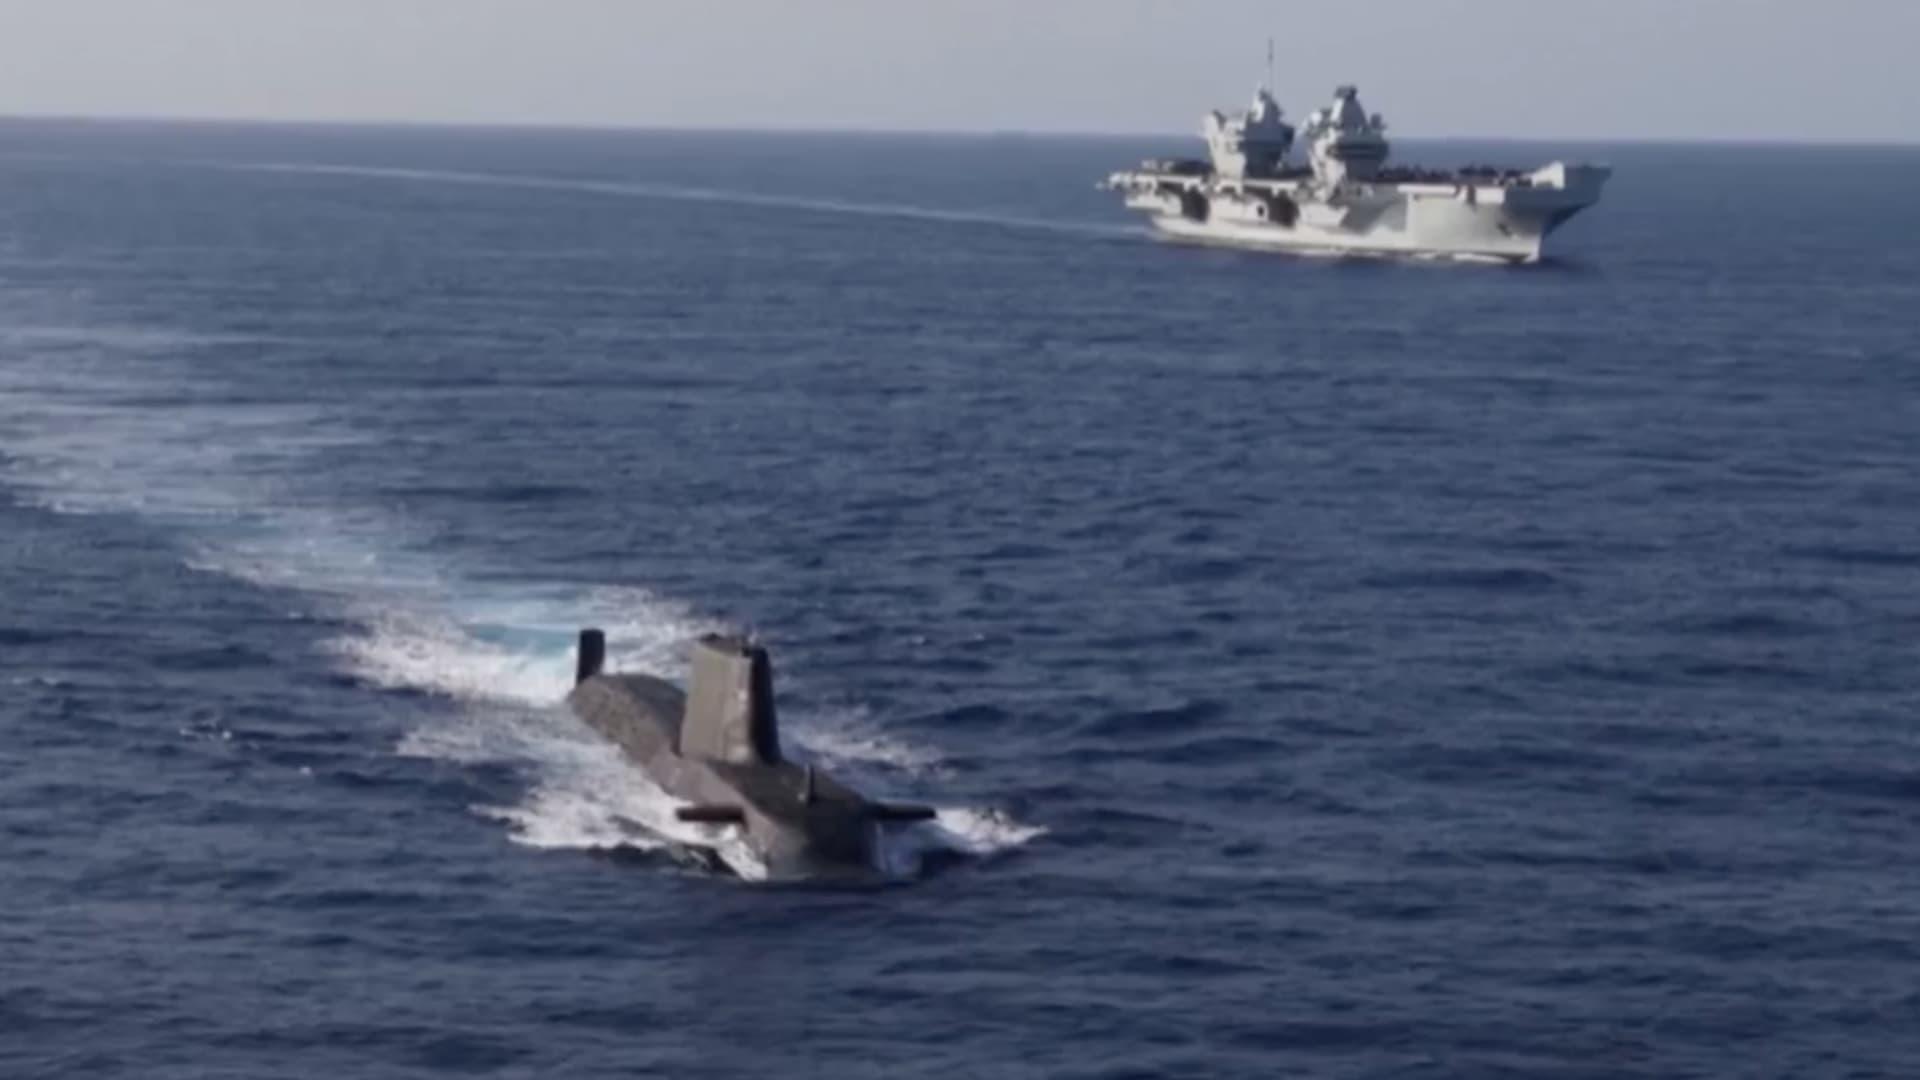 """ردًا على صفقة الغواصات.. إلغاء مهمة إحياء ذكرى التاريخ العسكري """"الفرنسي-الأمريكي"""" المشترك في واشنطن"""